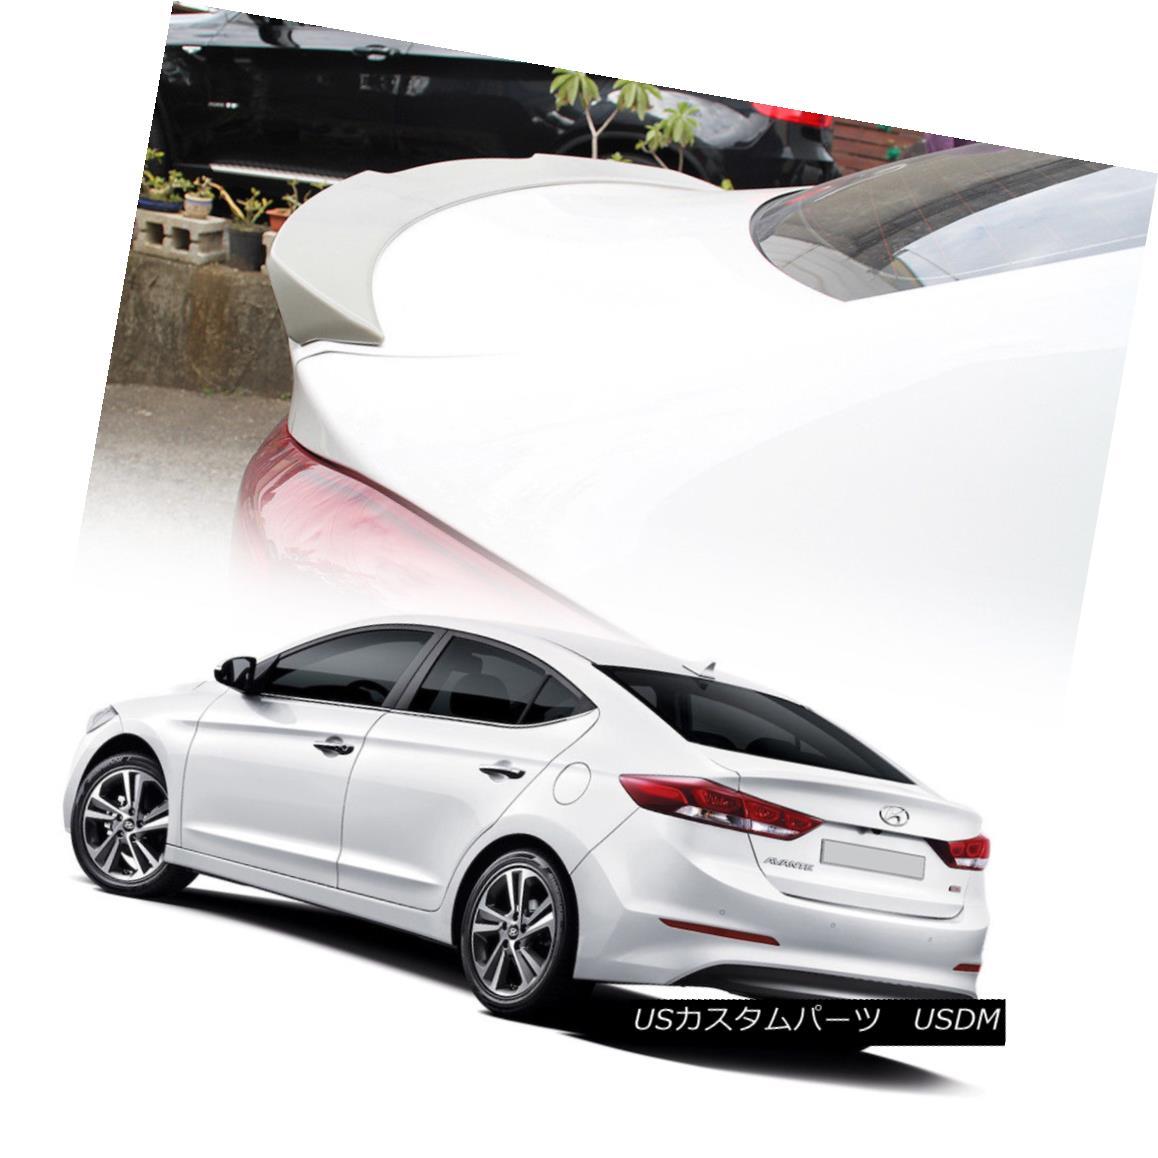 エアロパーツ Unpaint OE Type Trunk Spoiler Wing 2018 For Hyundai Elantra AD 6th SE GL L Sedan Hyundai Elantra AD 6th SE GL Lセダン用OEタイプのトランク・スポイラー・ウィング2018をペイントしない